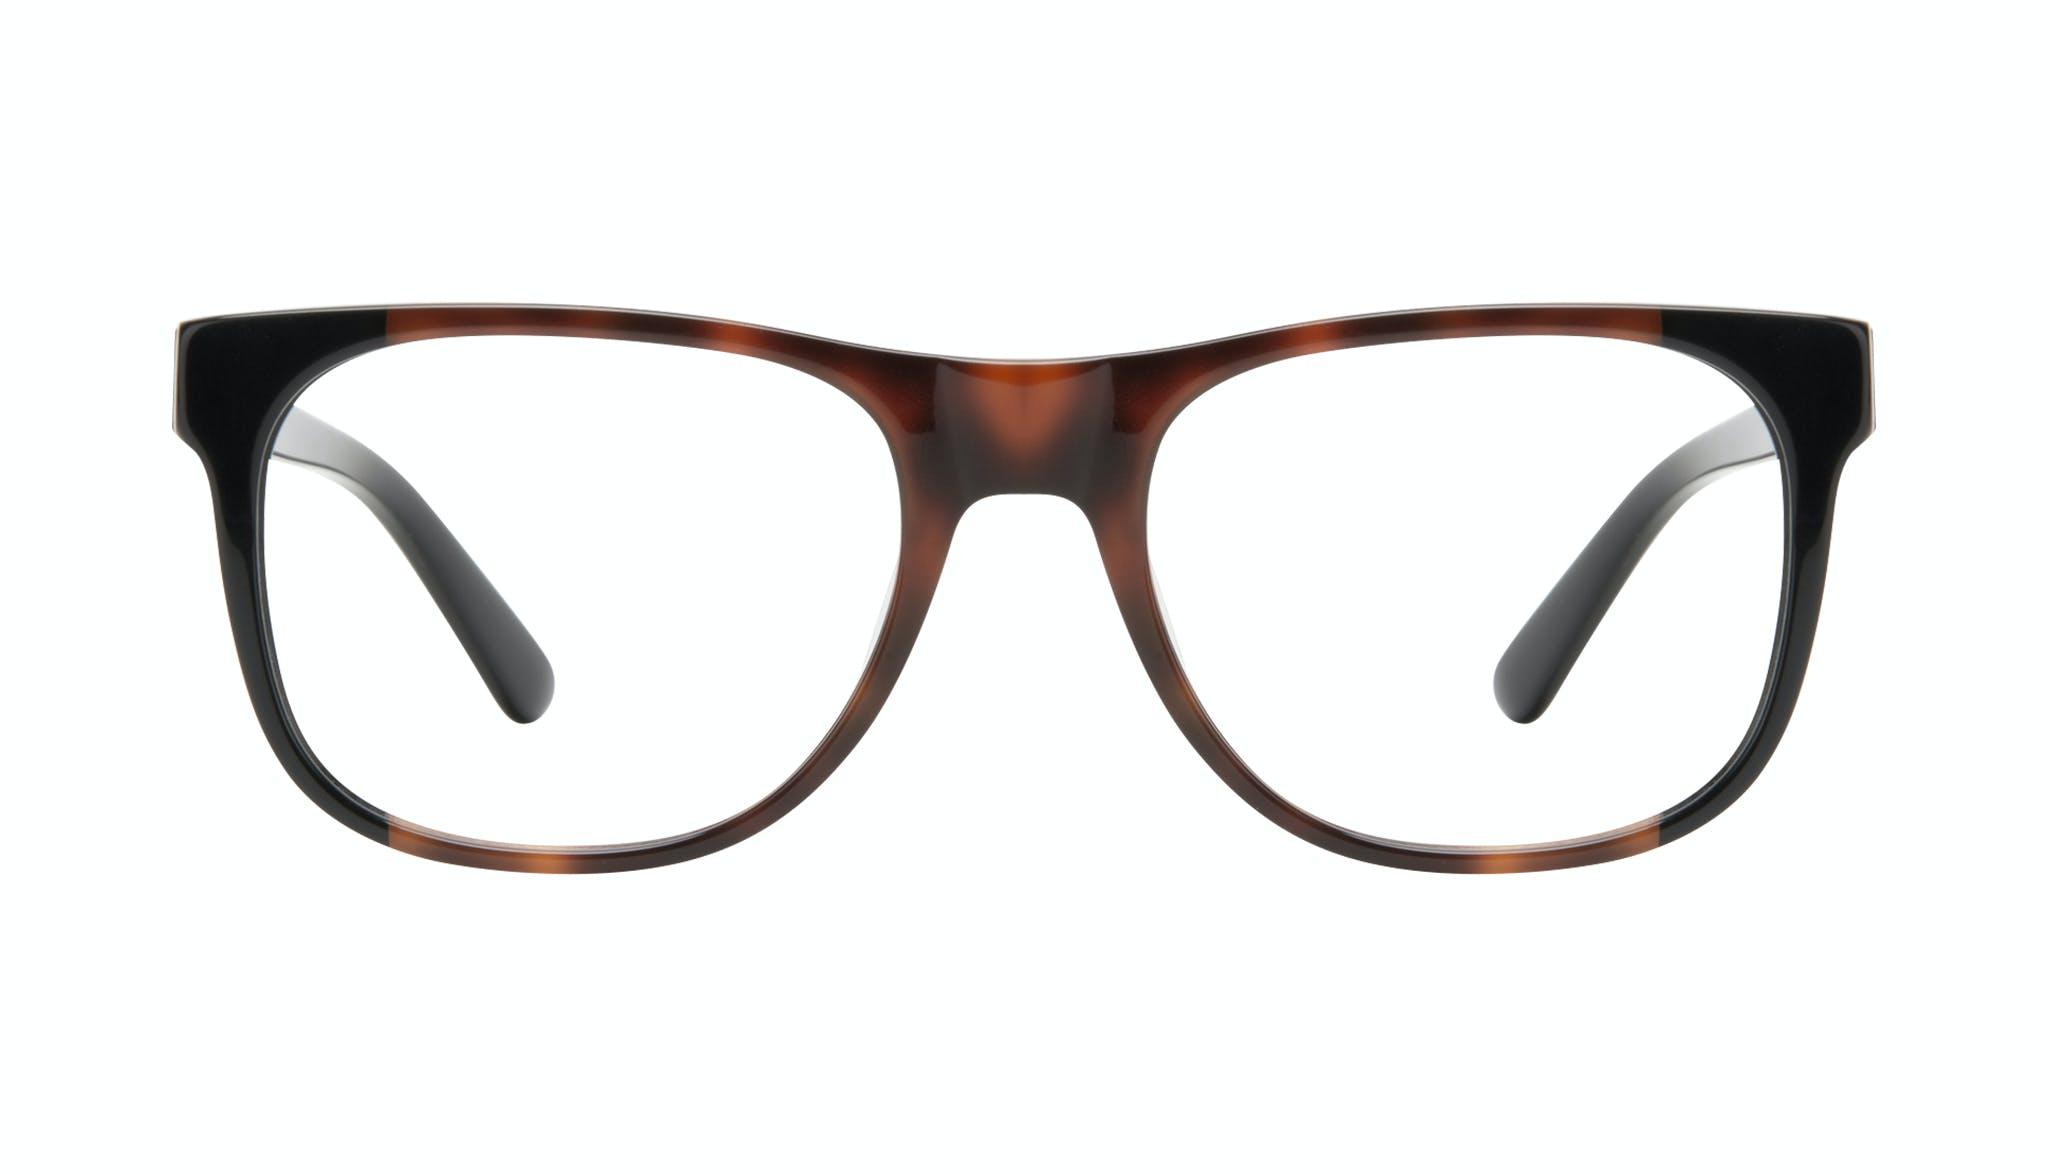 Affordable Fashion Glasses Square Eyeglasses Men Make Black Tort Front